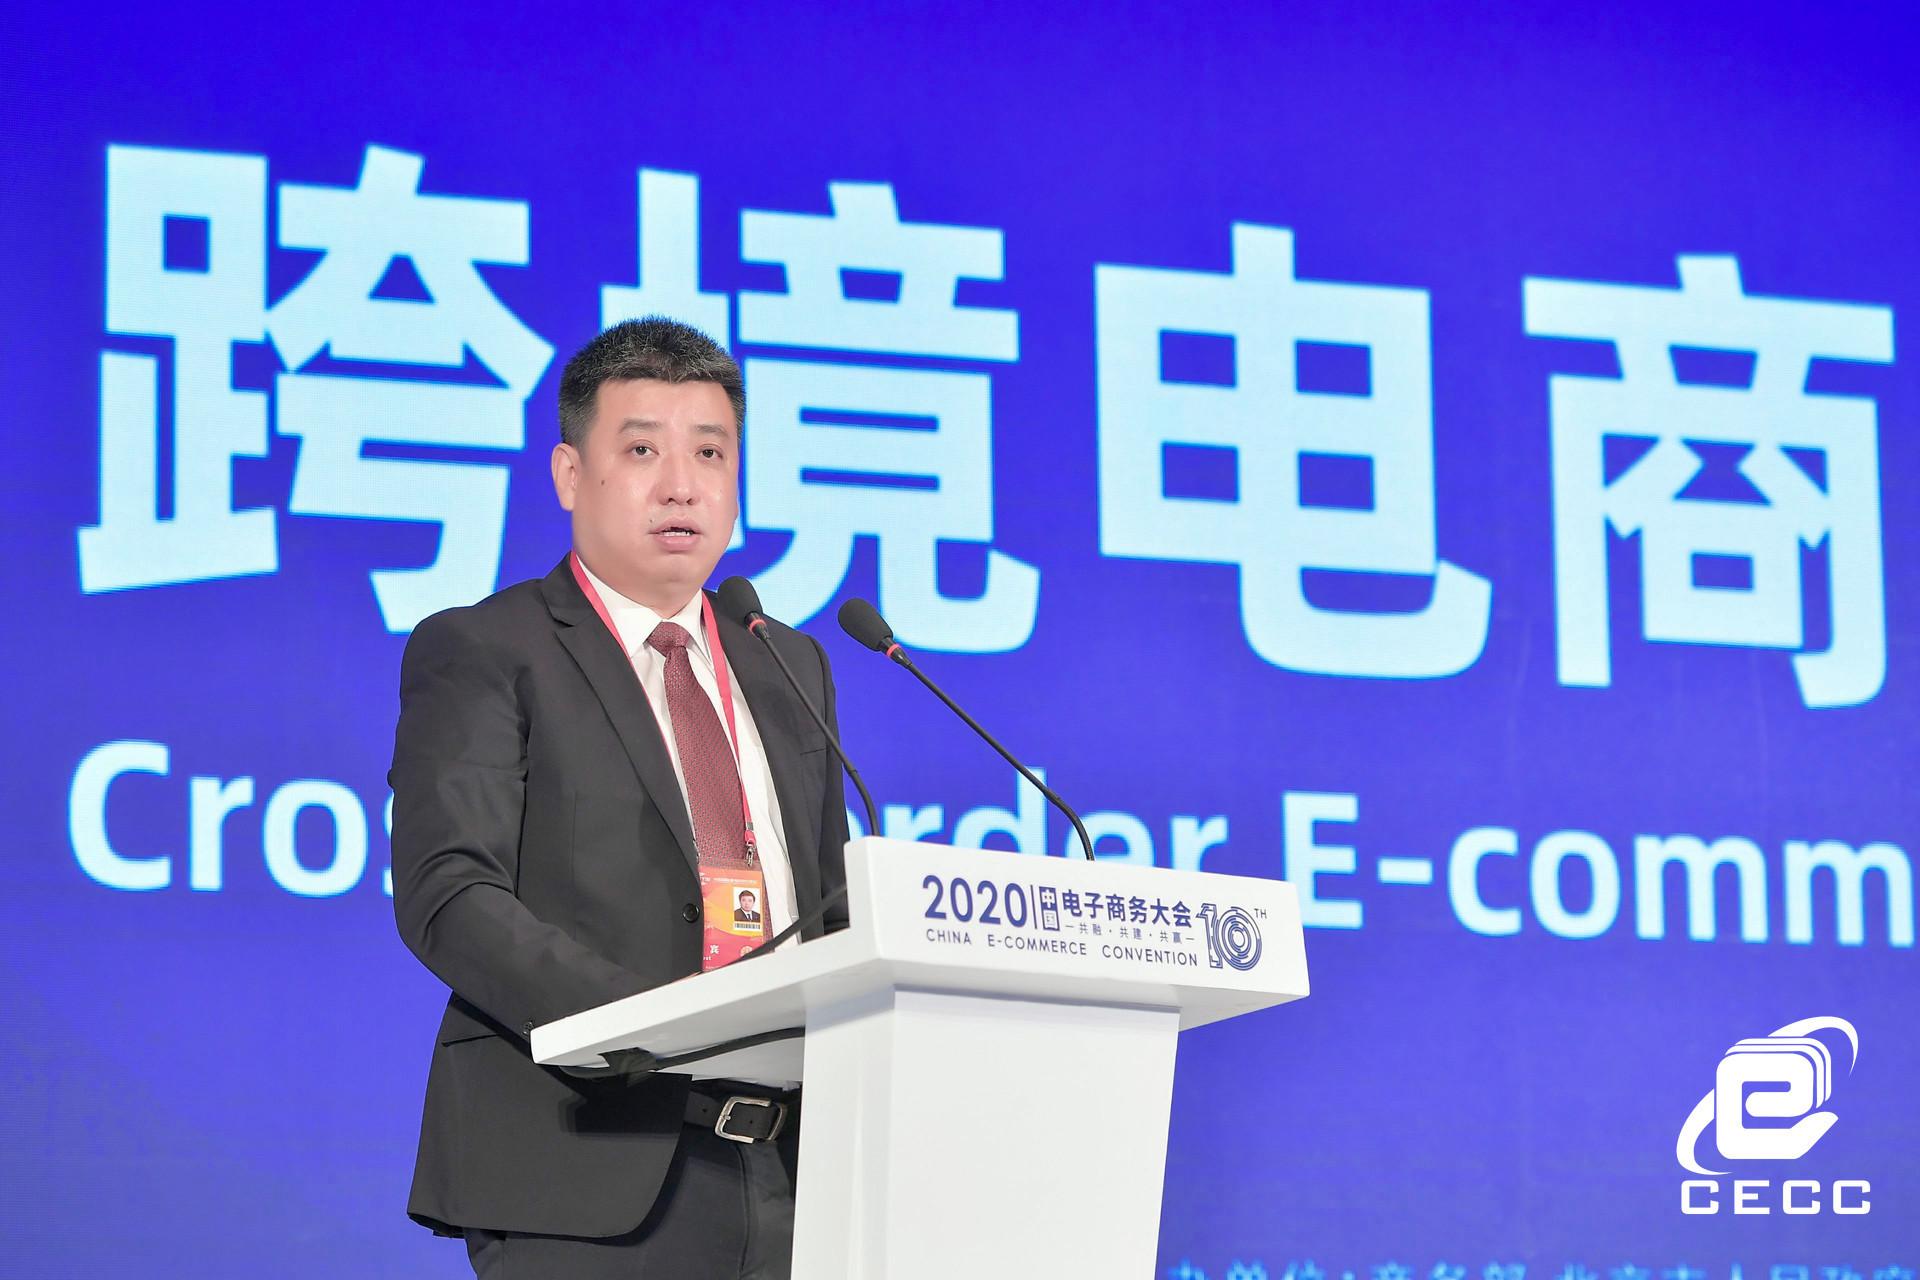 商務部外貿司張斌:跨境電商利于建立開放包容發展環境